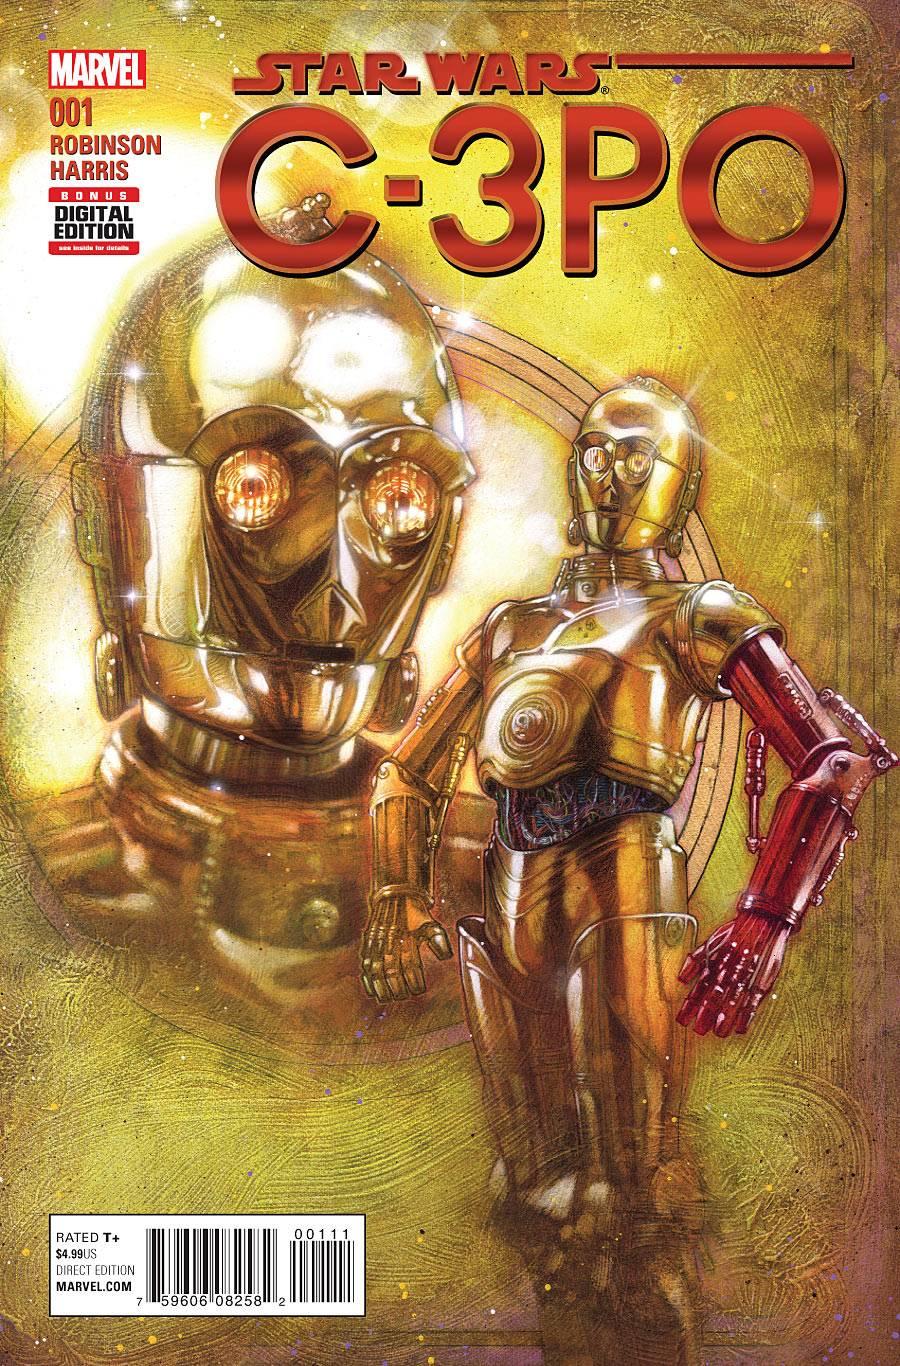 Cover art by Tony Harris